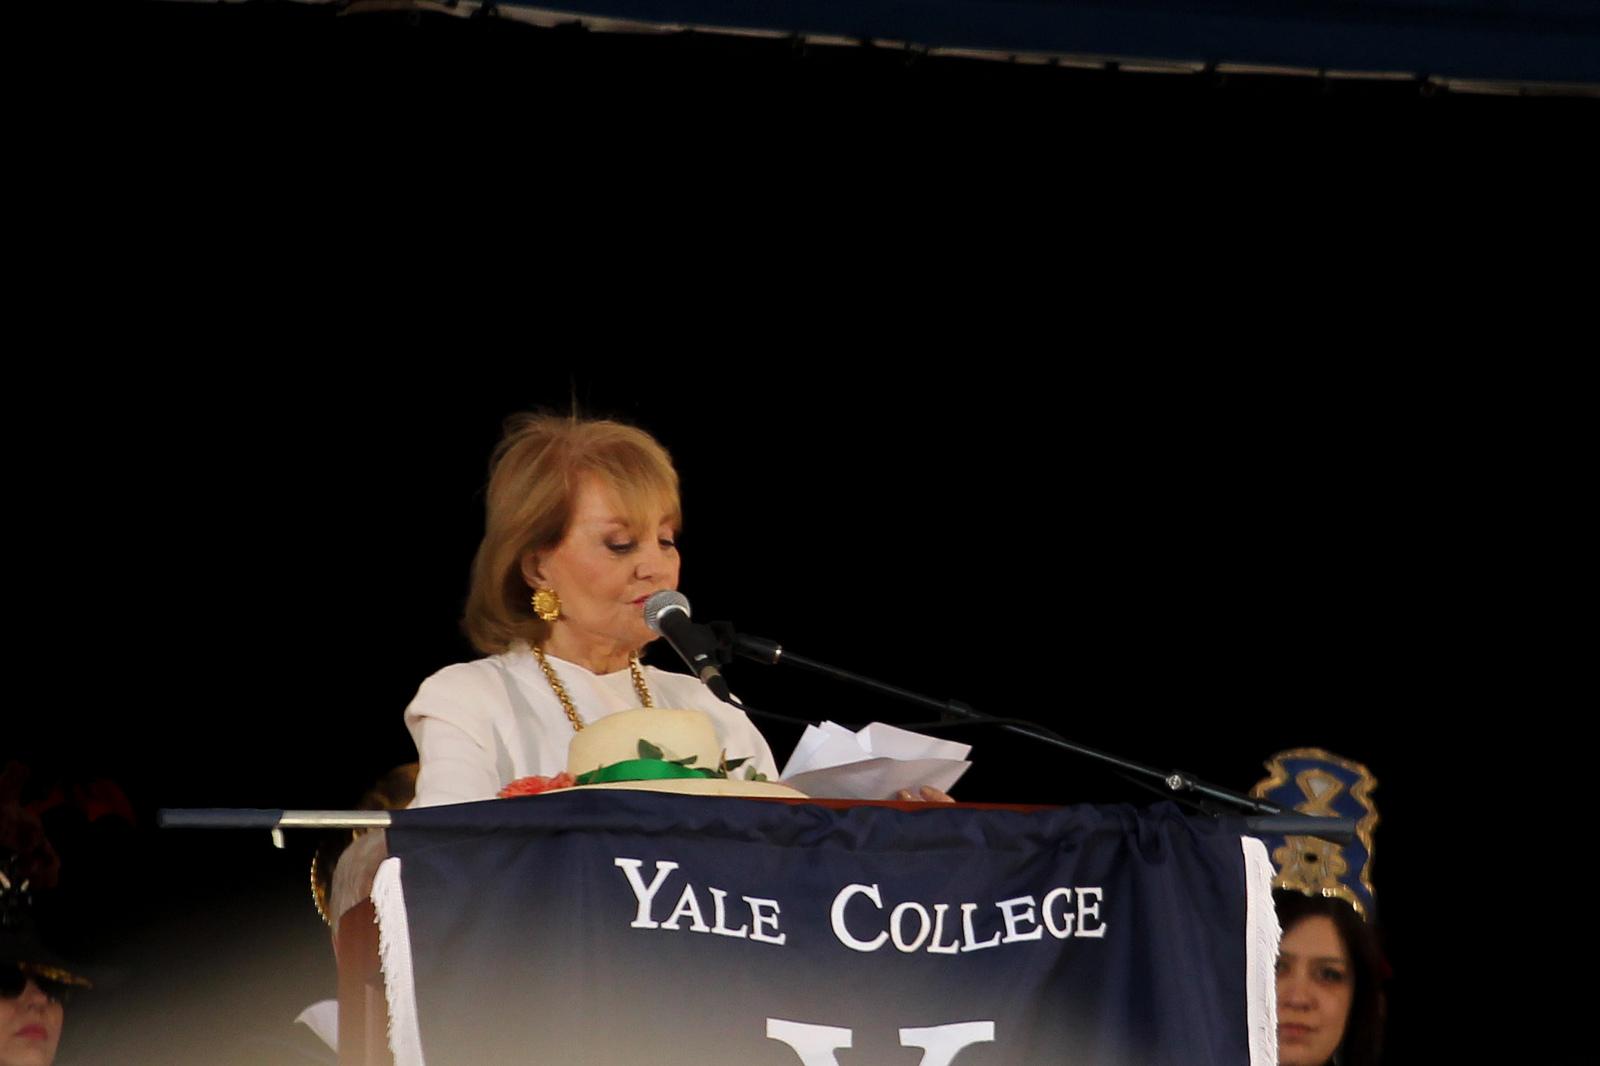 「有一天,內心的喜悅會來敲門」-Barbara Walters 給耶魯大學 2012年 畢業生的致詞